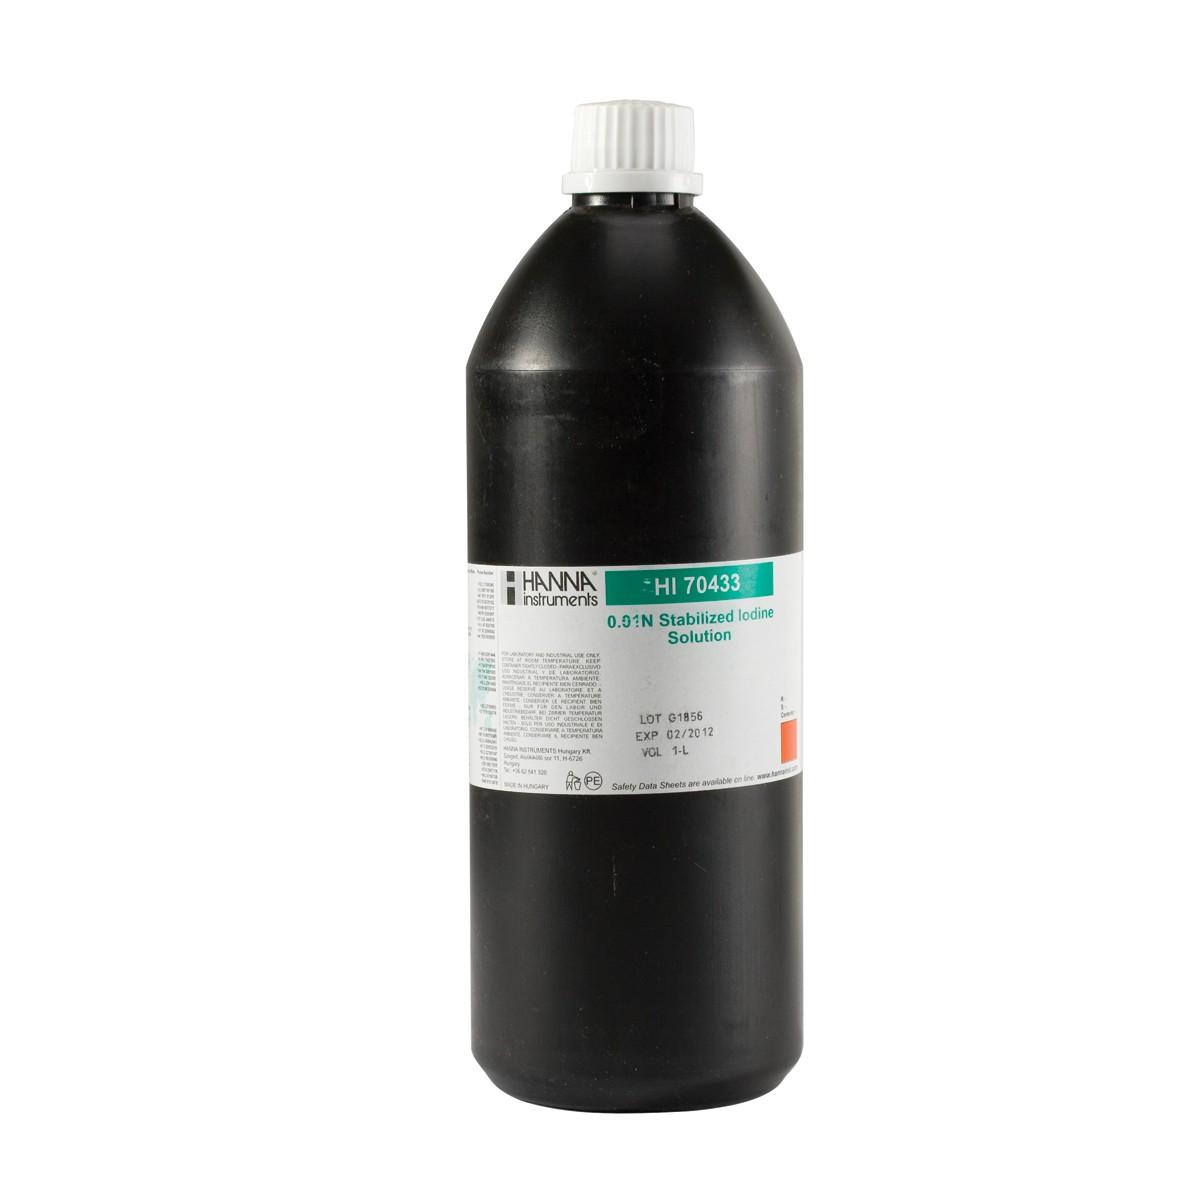 Iodio stabilizzato 0.01N, 1L - HI70433